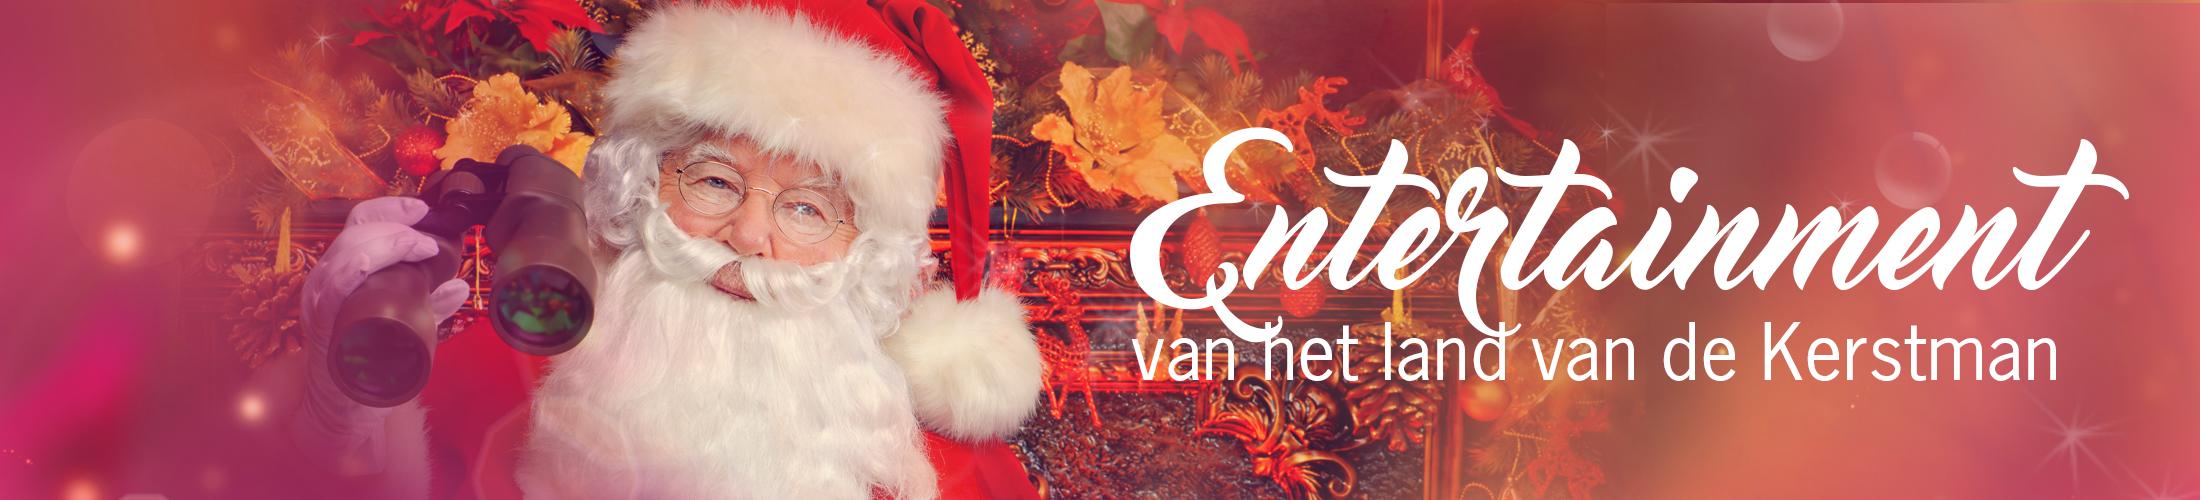 Kerstentertainment, winkelcentrumpromotie, entertainment voor kerst, entertainment voor kerst winkelcentrum, Kerstman huren, Kerstman op bezoek, Muzikaal Kerst entertainment, Kerst workshop, Kerst knutselterras